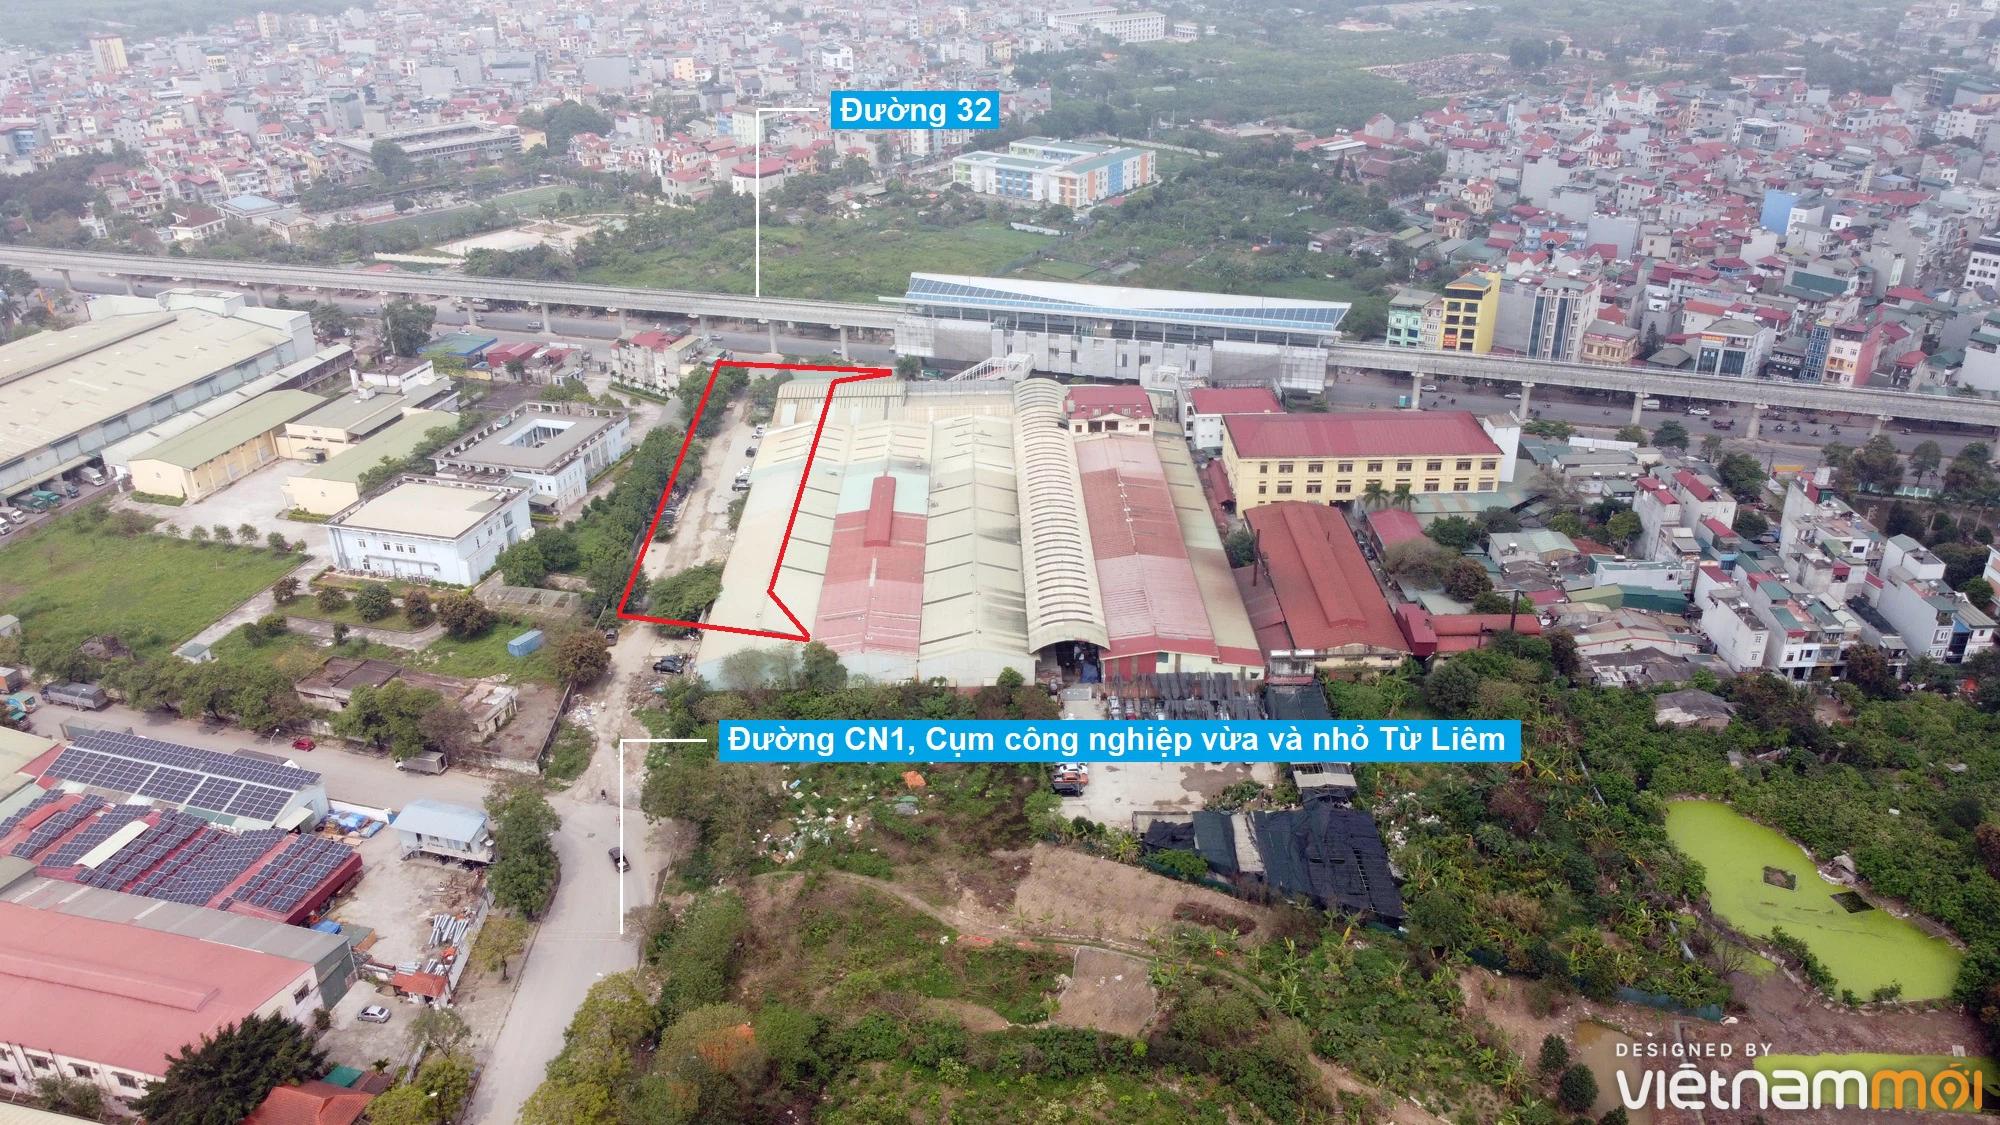 Những khu đất sắp thu hồi để mở đường ở phường Phúc Diễn, Bắc Từ Liêm, Hà Nội - Ảnh 8.